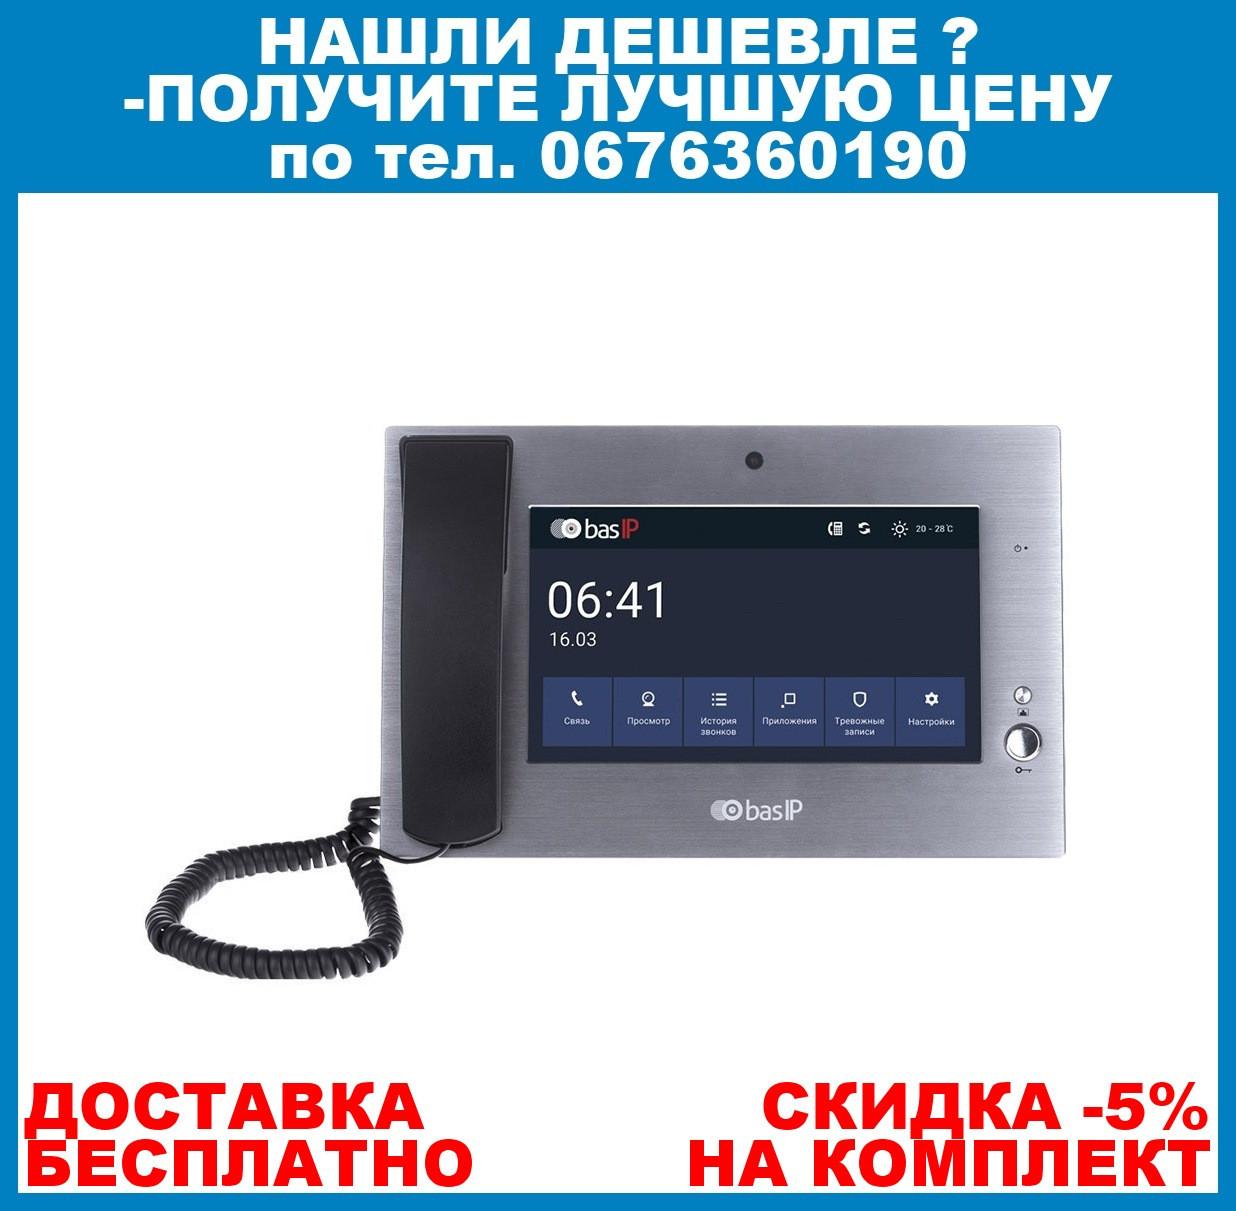 Монитор консьержа Bas IP AM-01